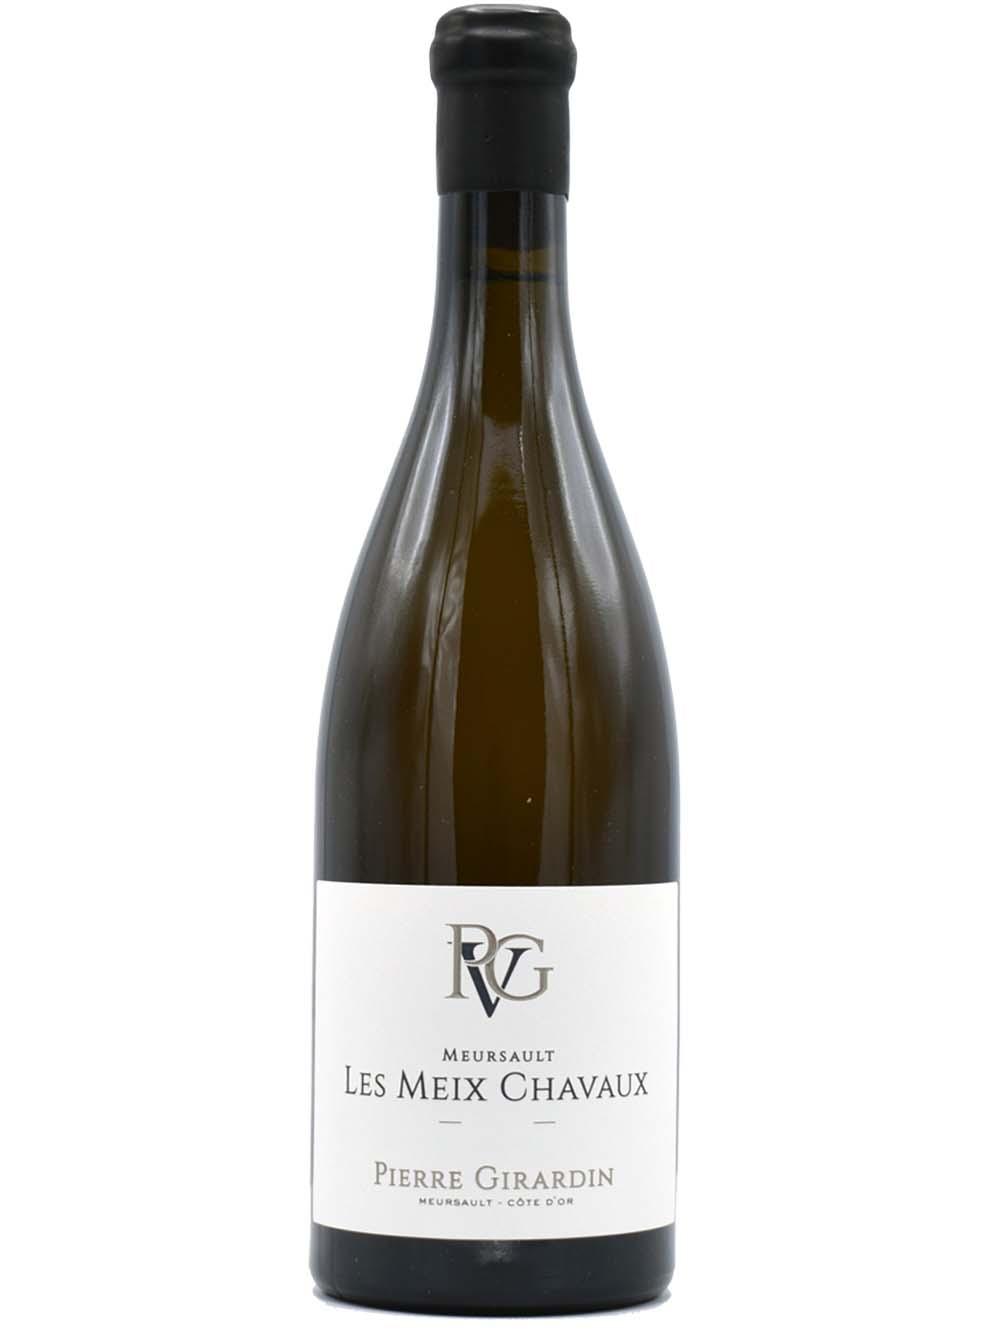 Meursault Les Meix Chavaux